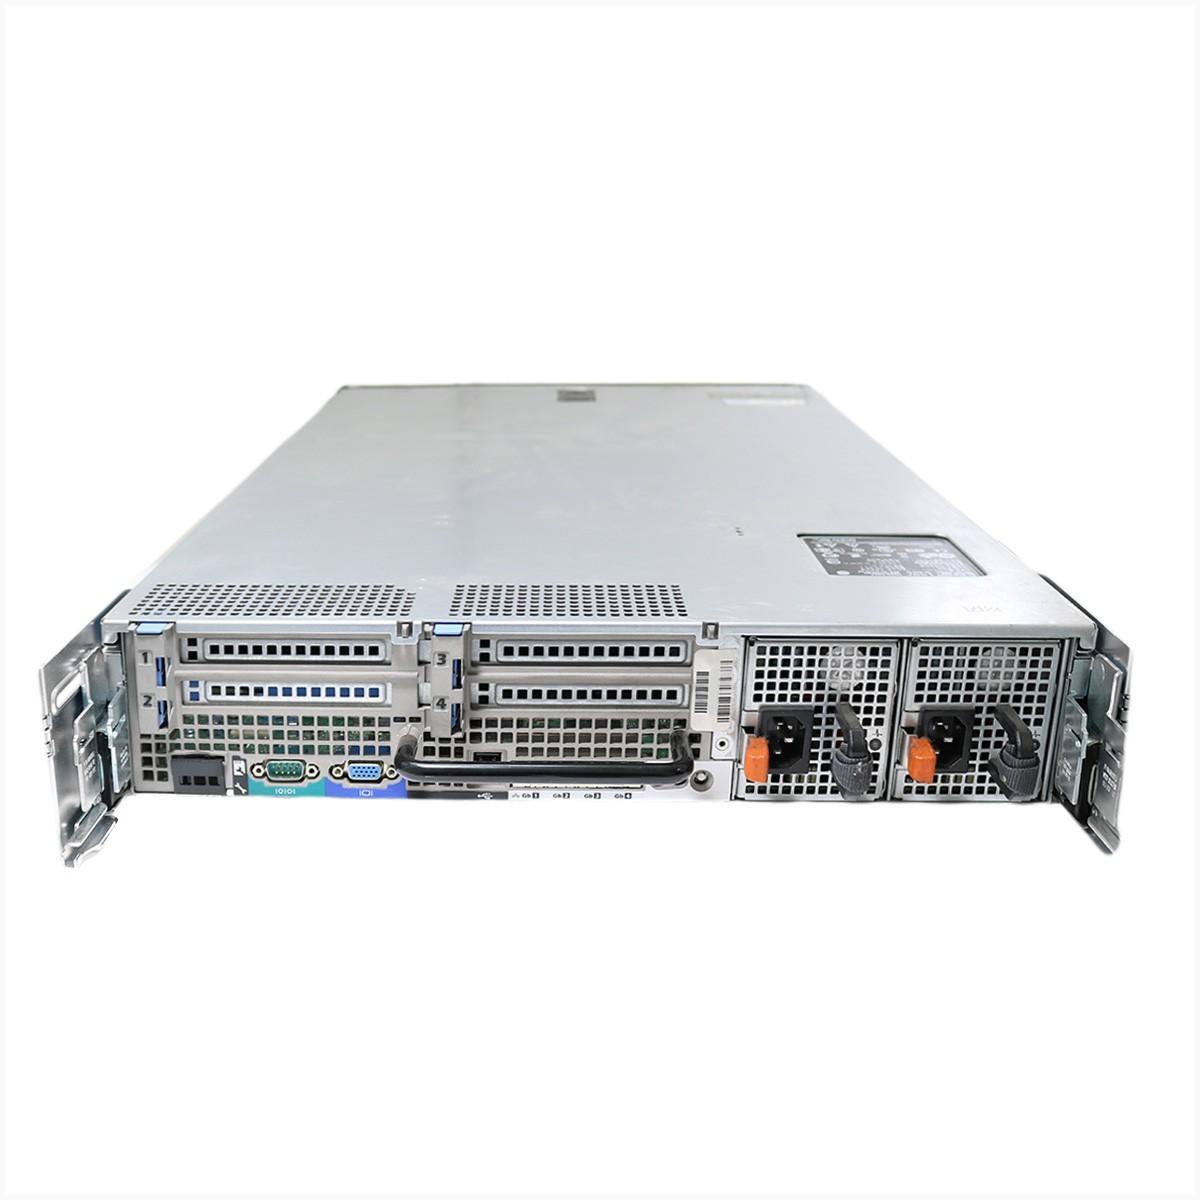 Servidor Dell R710 Xeon 16 GB 600 GB - Usado